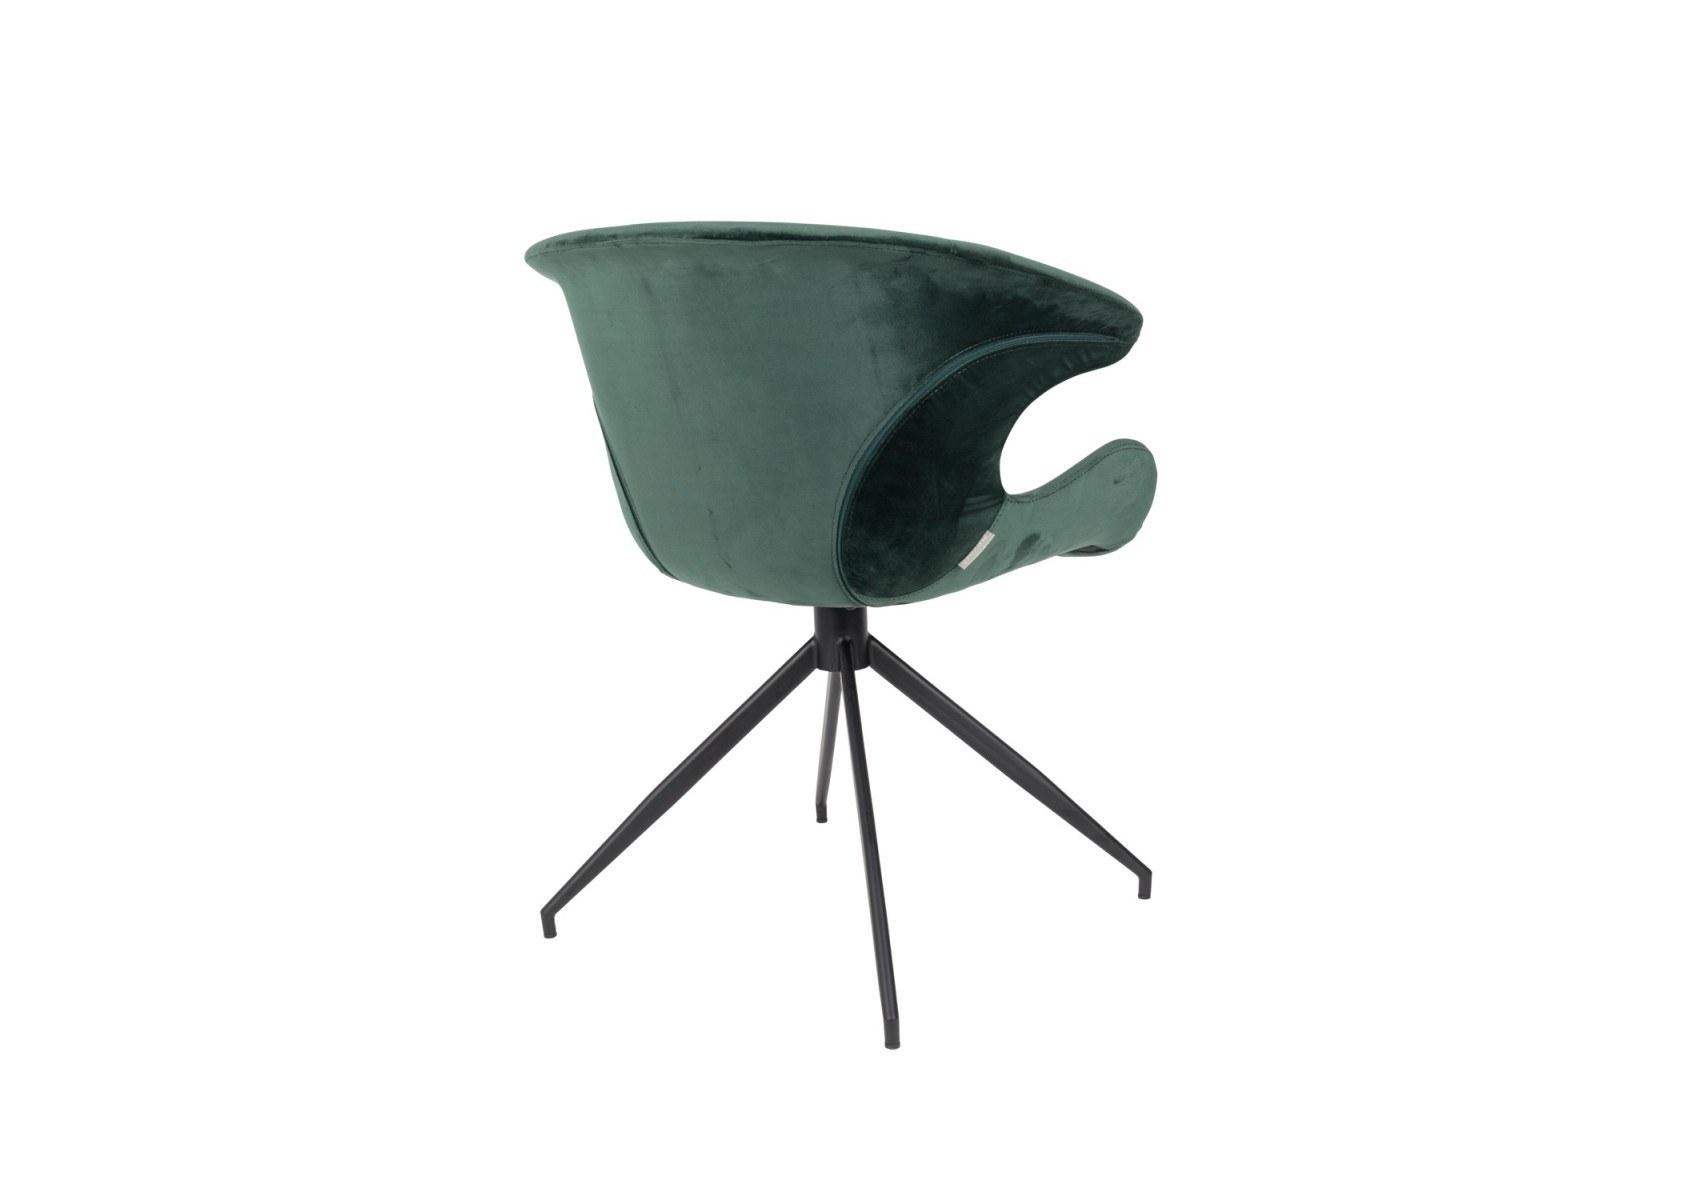 Fauteuil Bureau Mia Velours – Design Revêtement Zuiver De 54Aj3RL